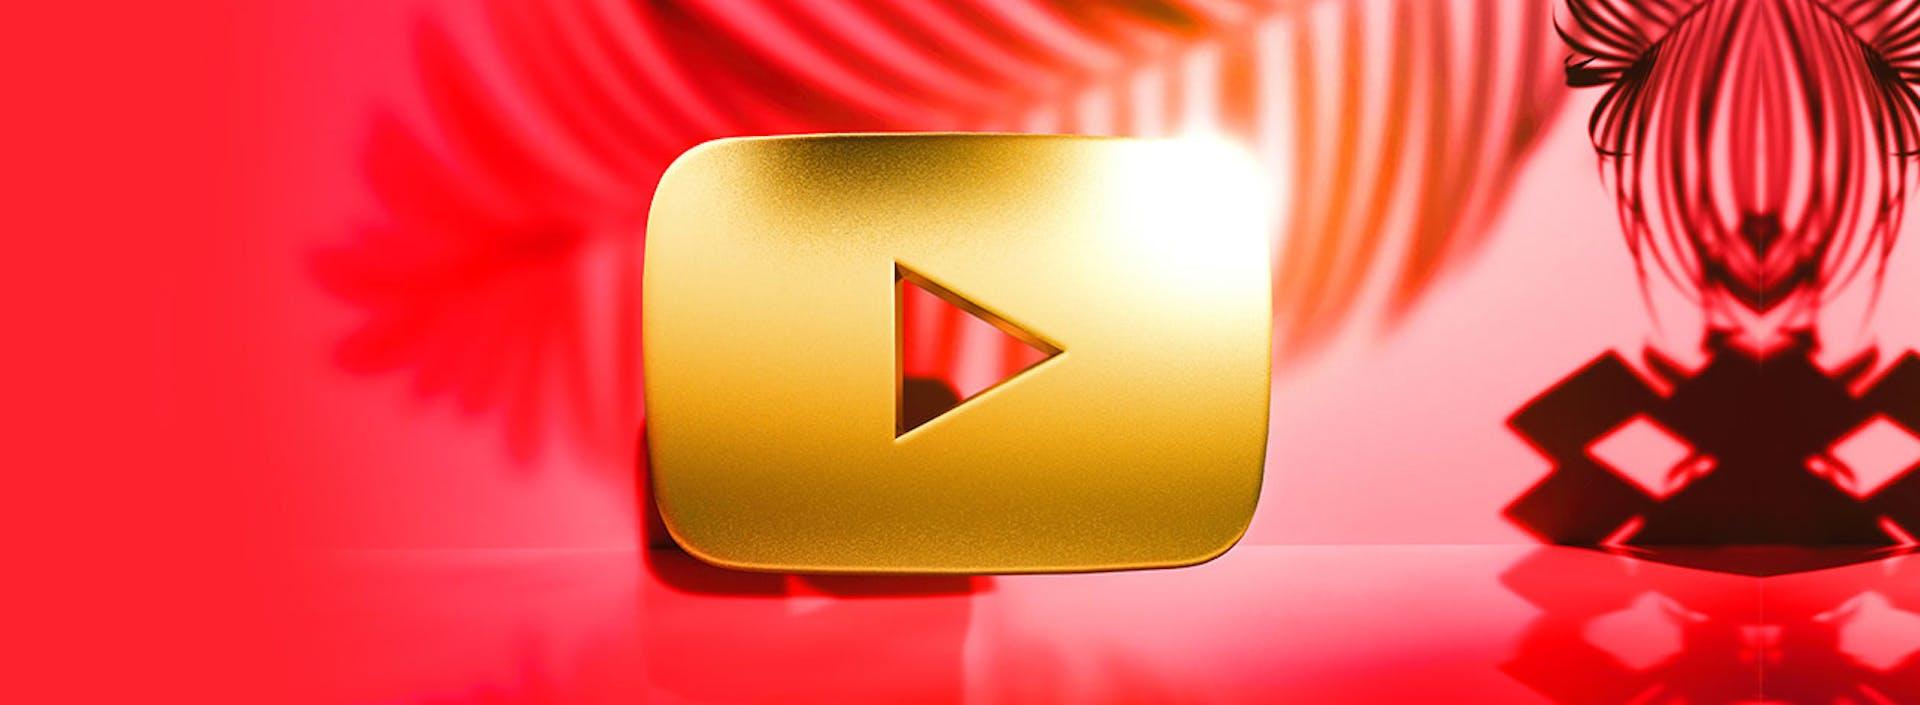 Aprende cómo editar videos para YouTube y haz que se vuelvan virales